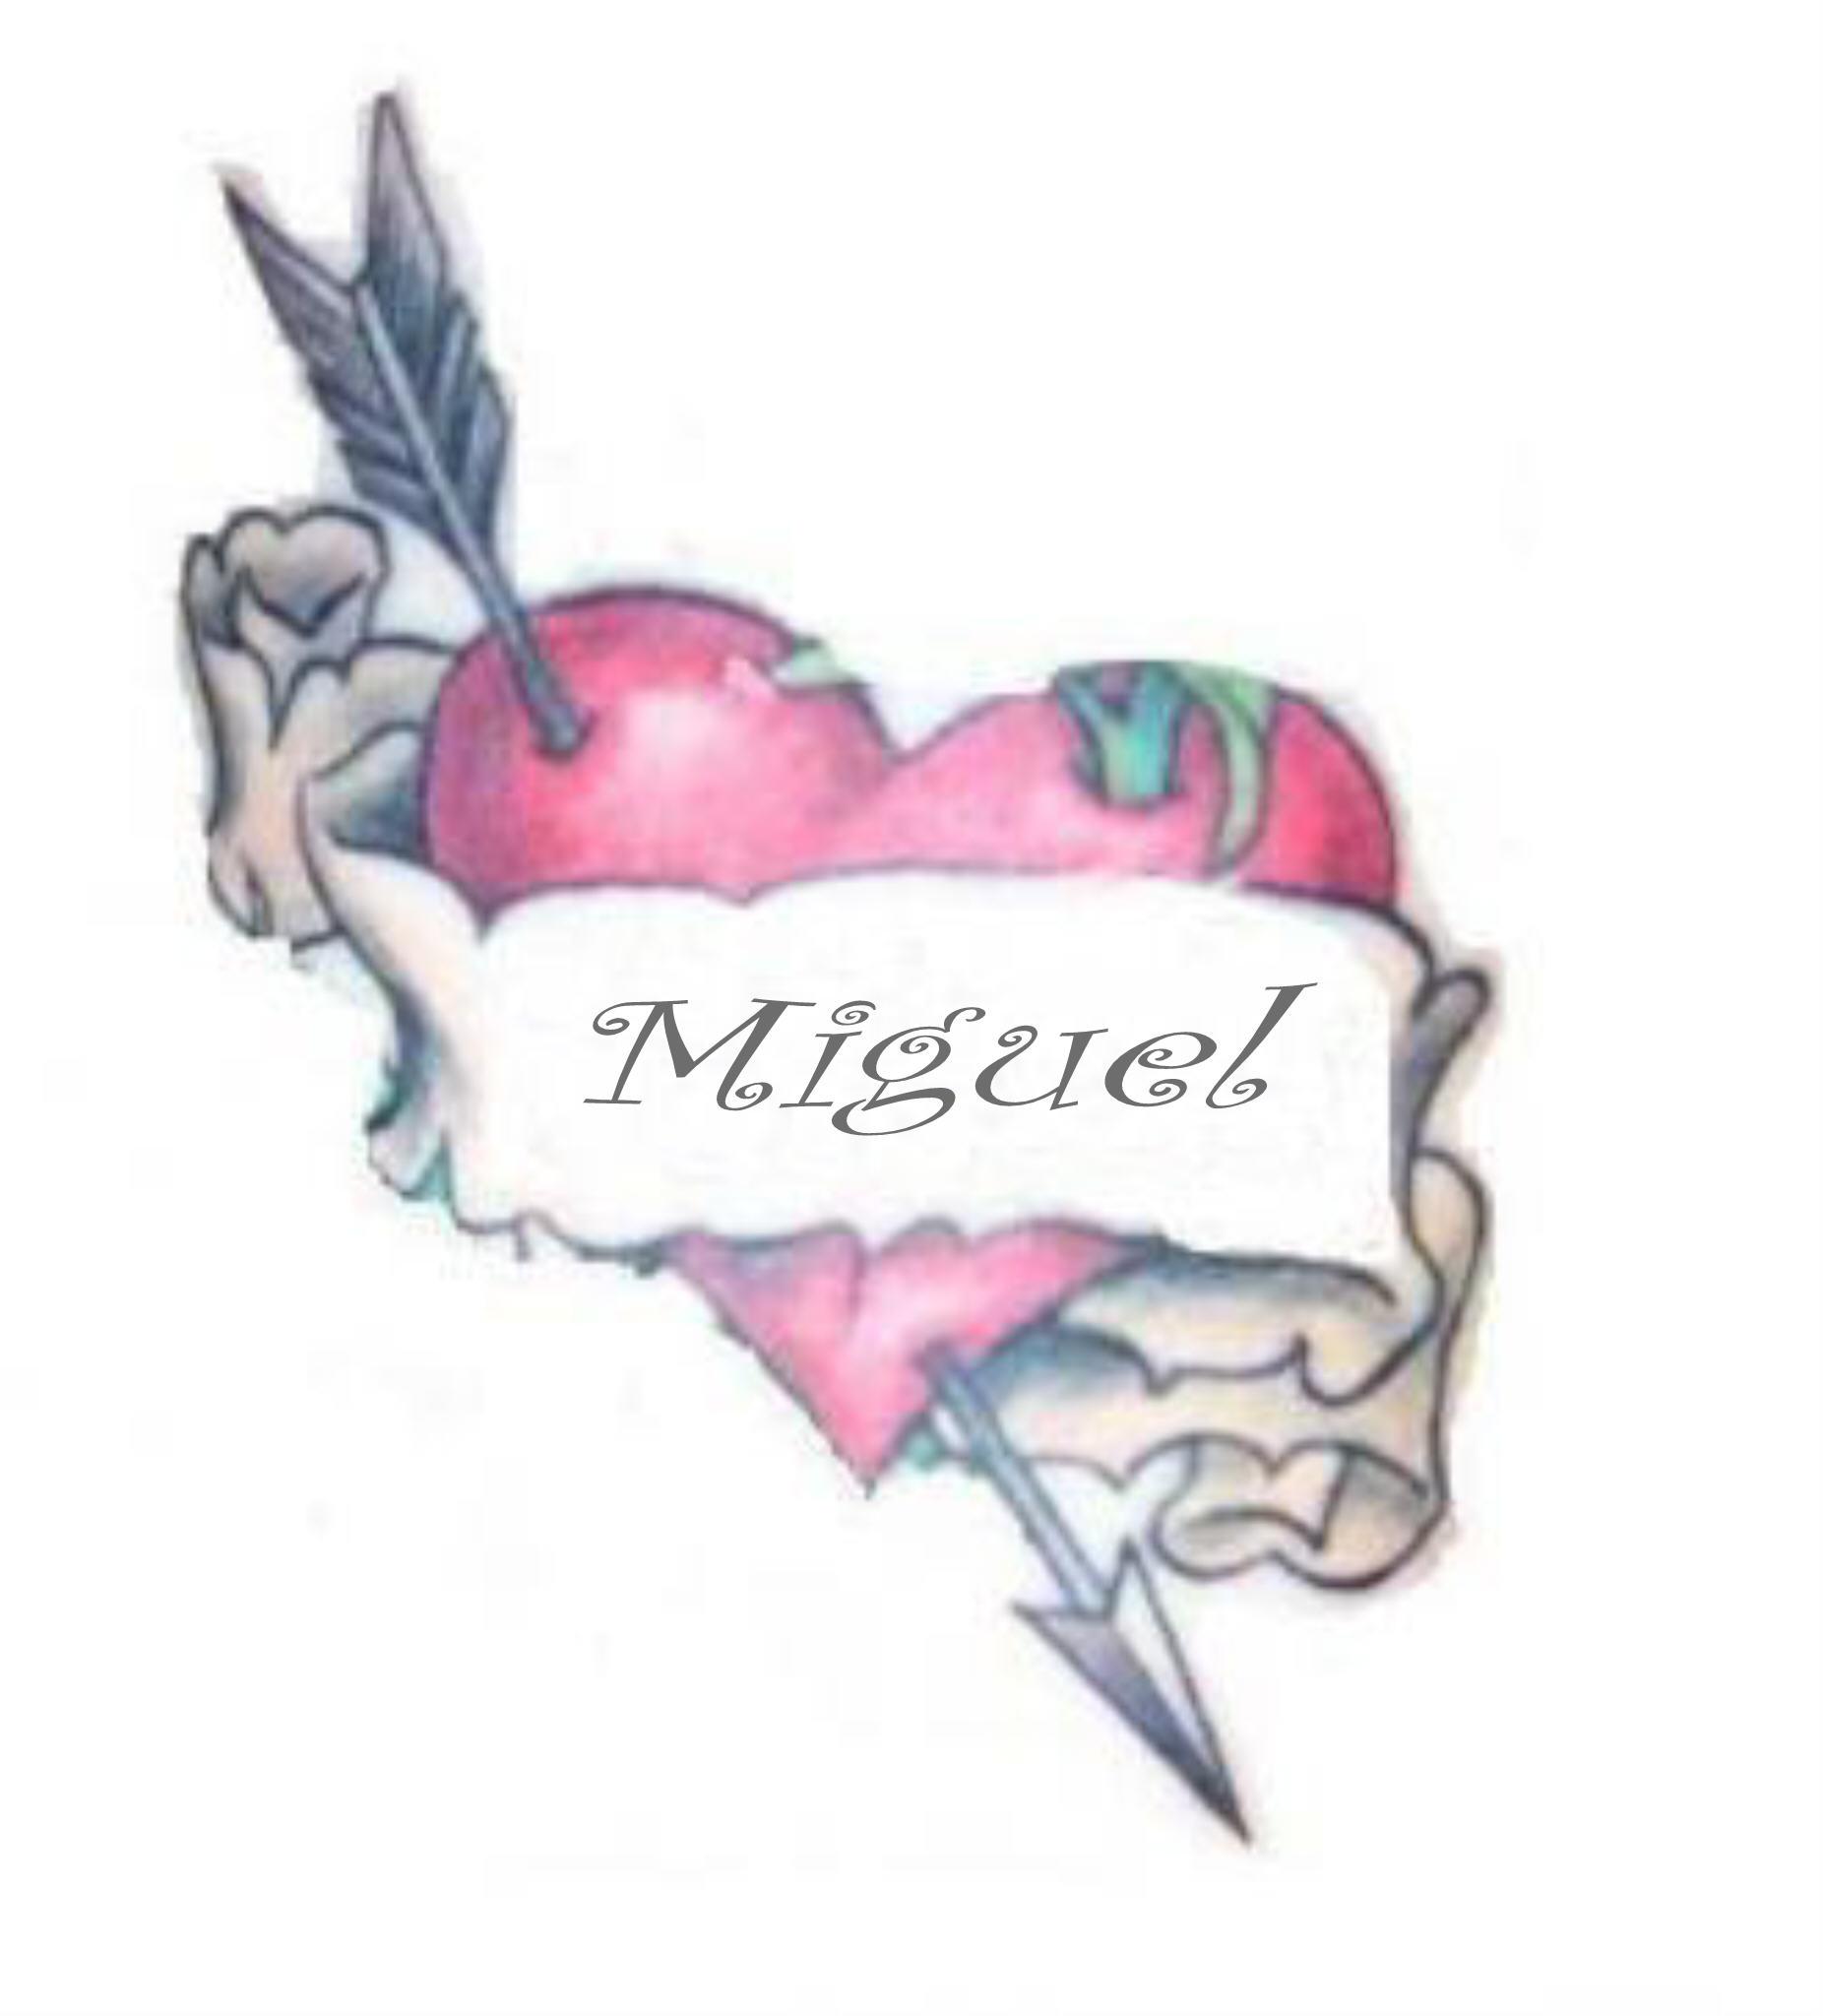 Prénom MIGUEL MIGUEL dans coeur tatoué